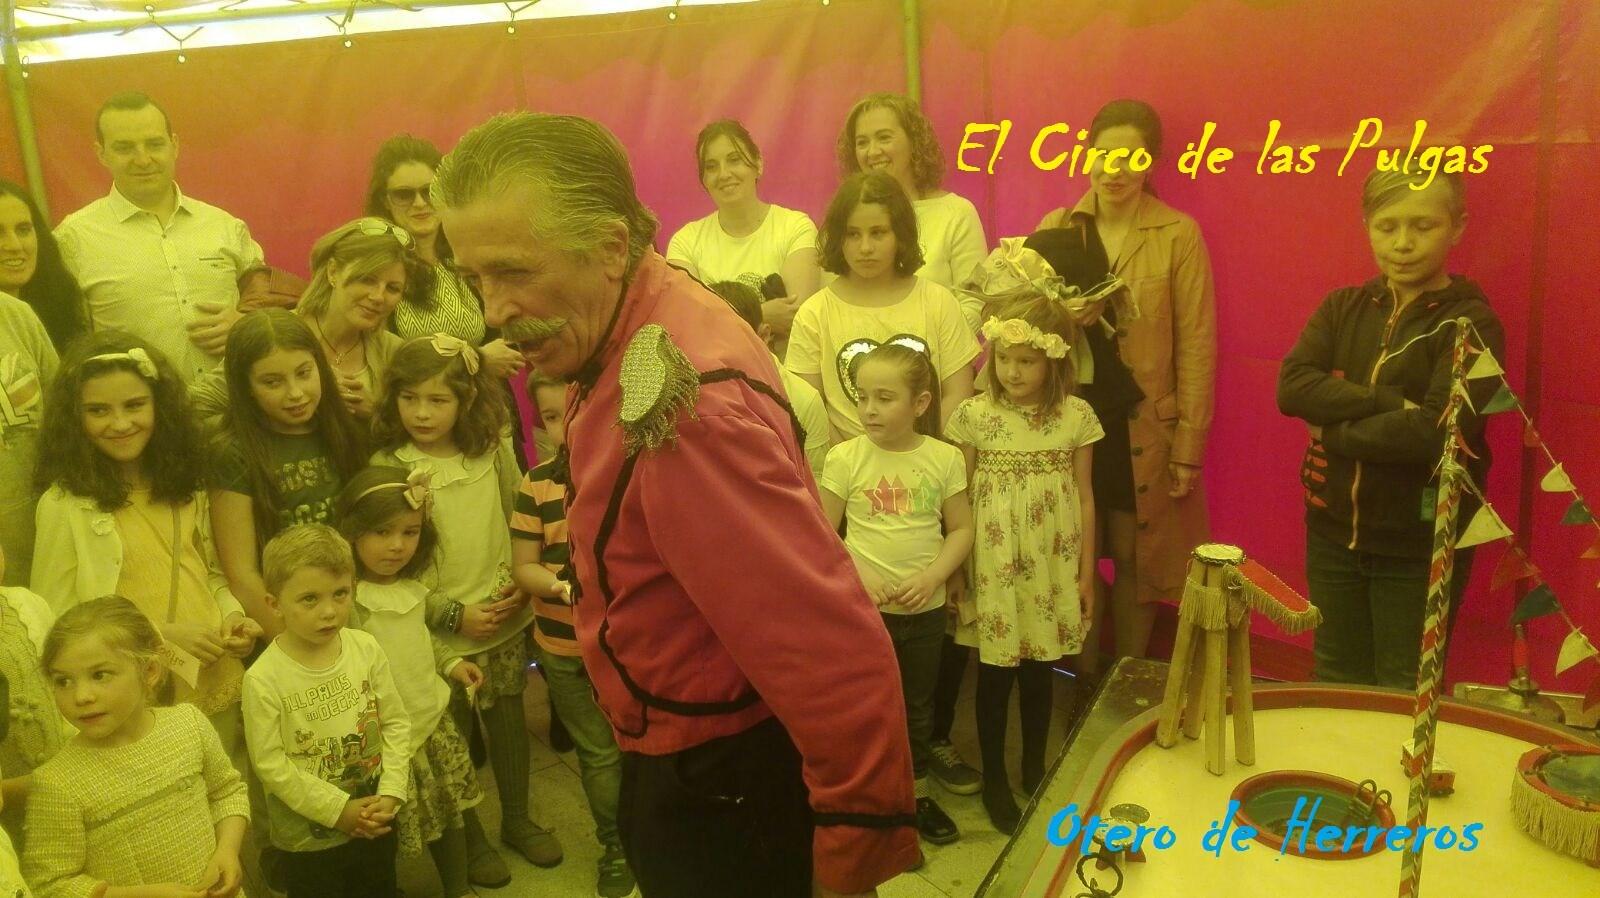 El circo de las pulgas (4)